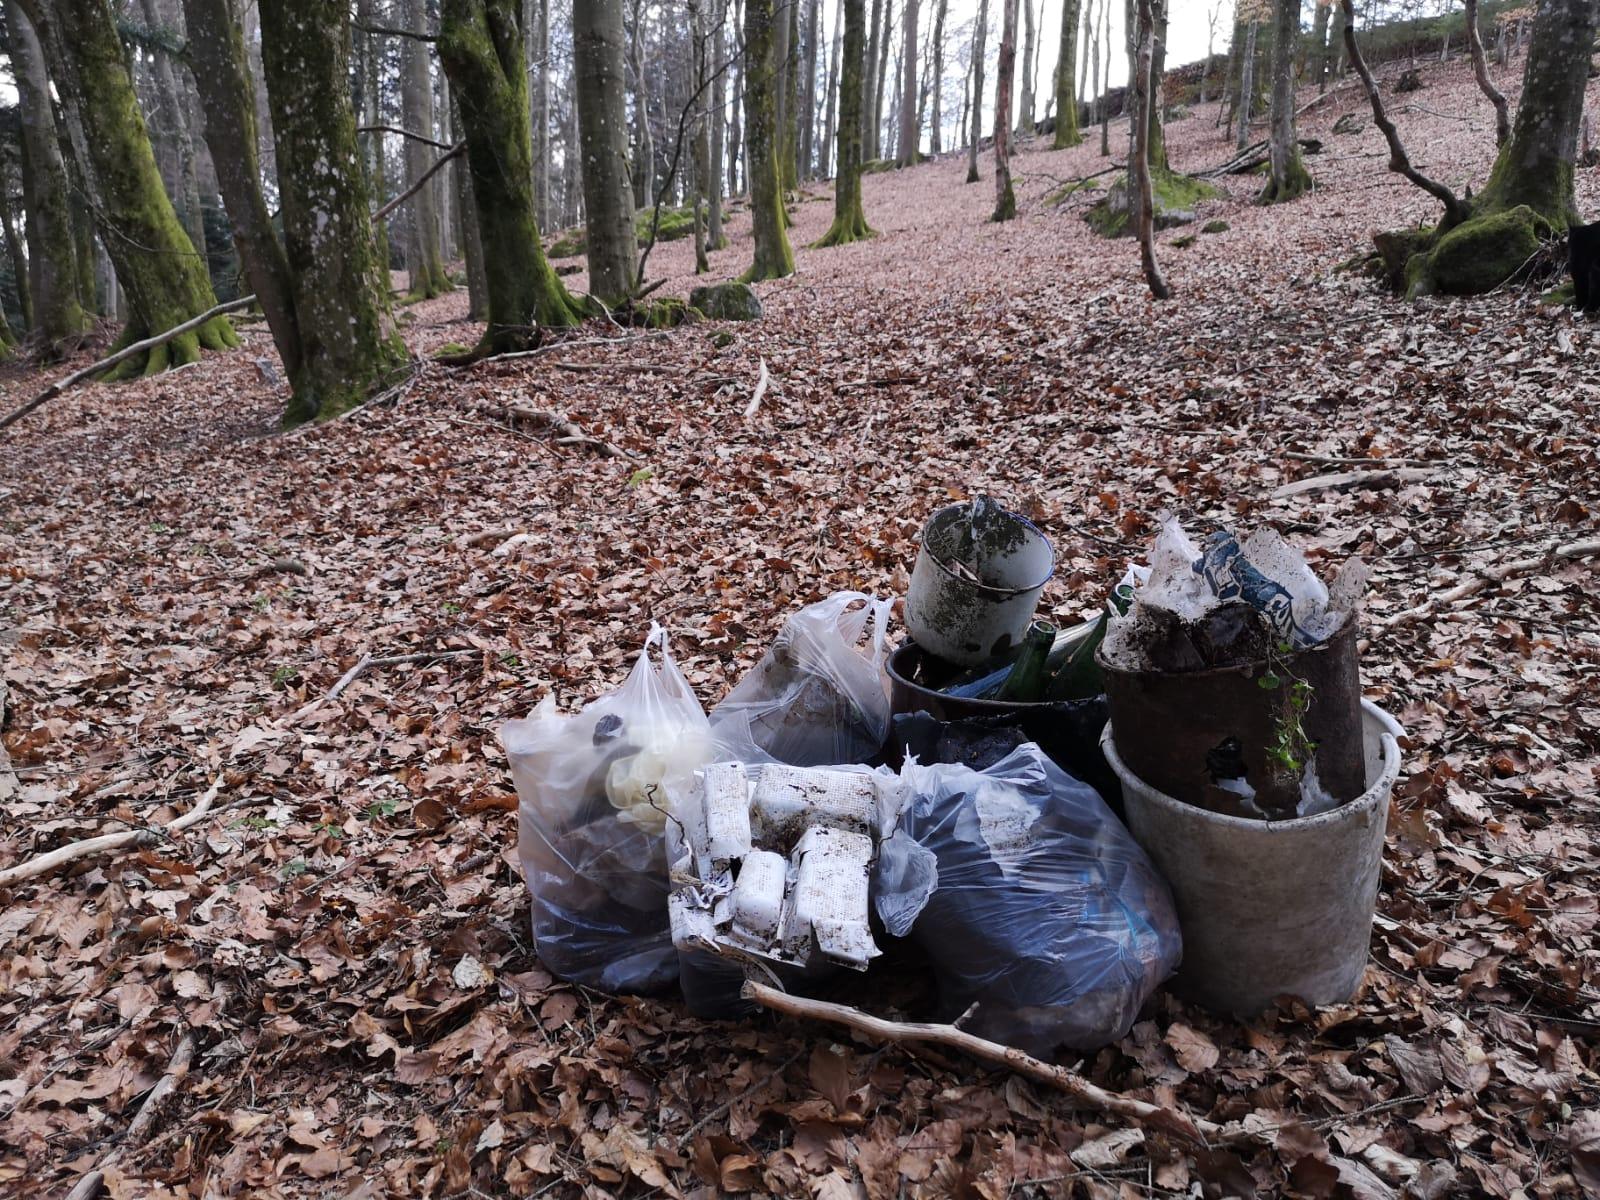 Müllsäcke im Wald, von den eifrigen Sammlern